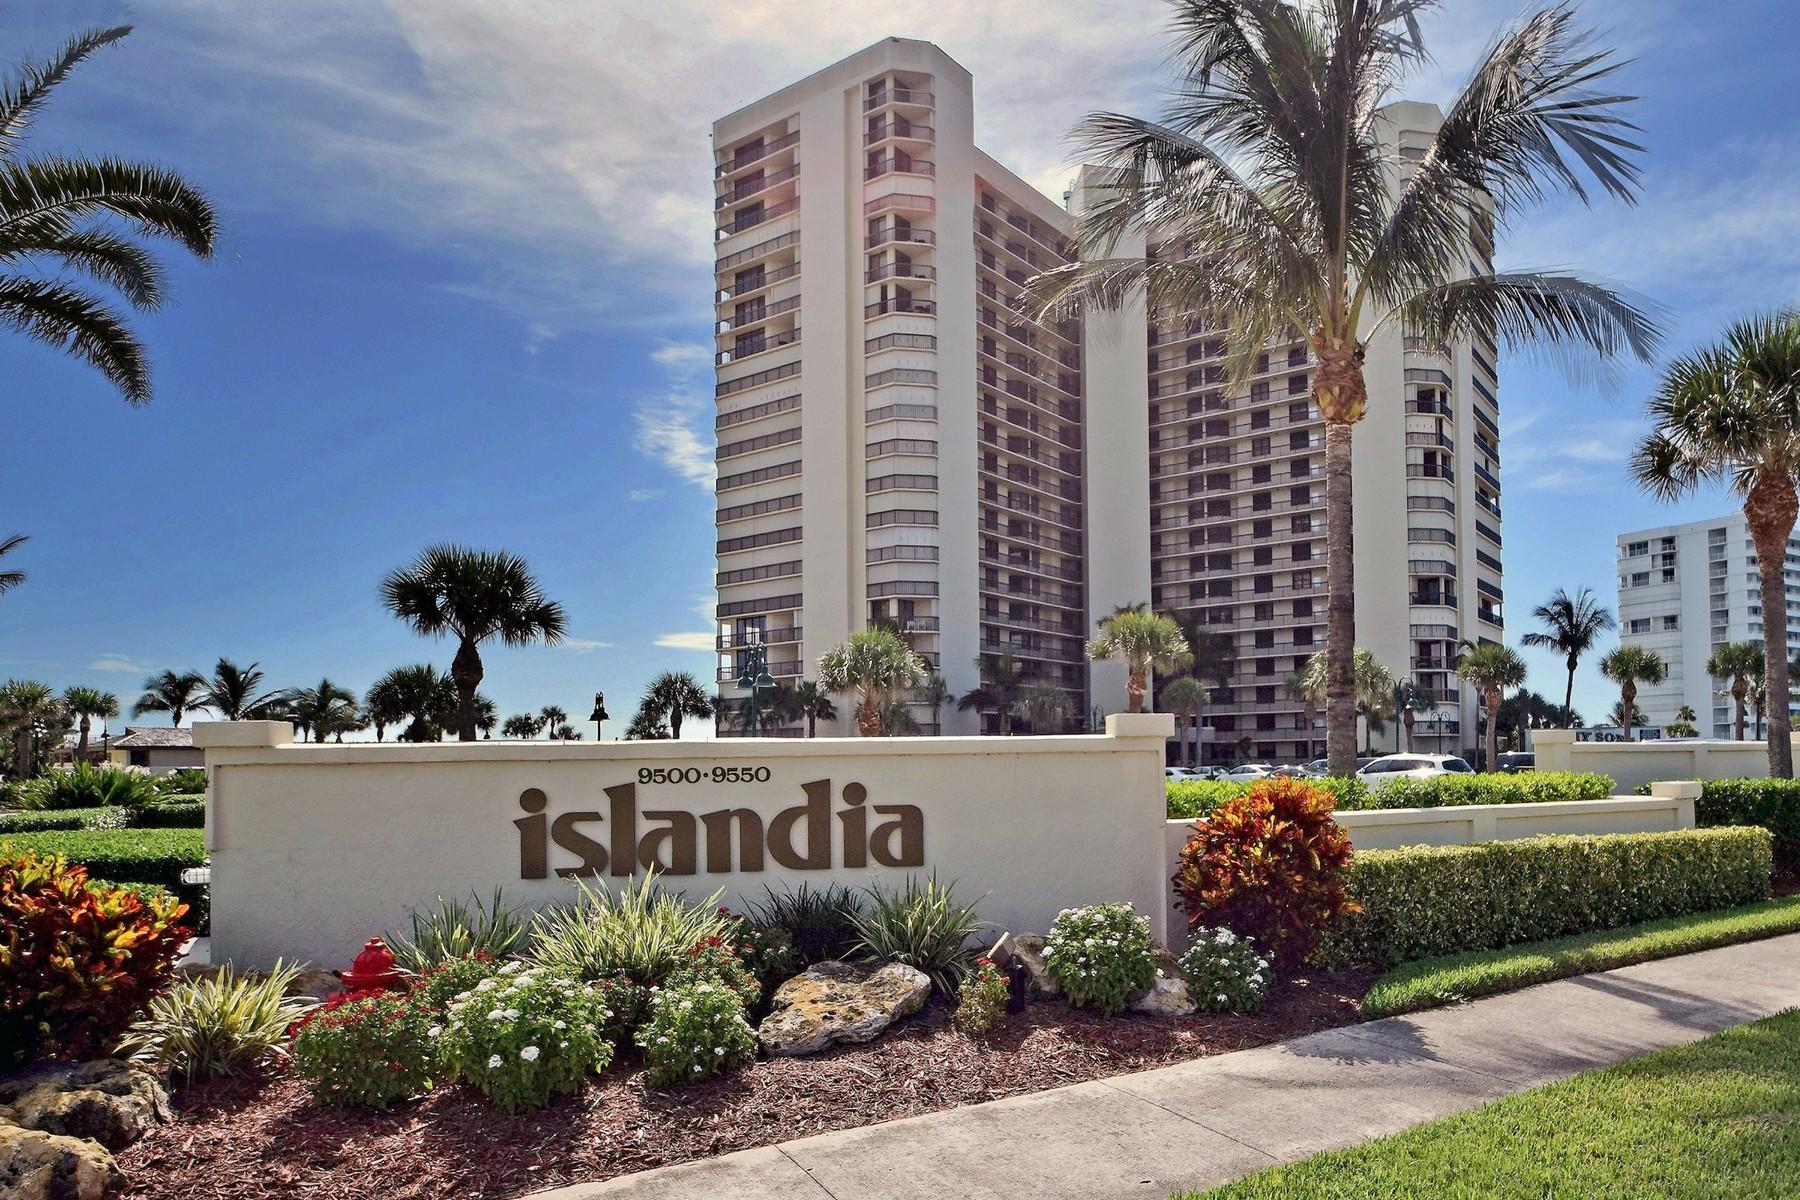 Condominio per Vendita alle ore Islandia Penthouse Condo 9500 S Ocean Drive PH-08 Jensen Beach, Florida 34957 Stati Uniti